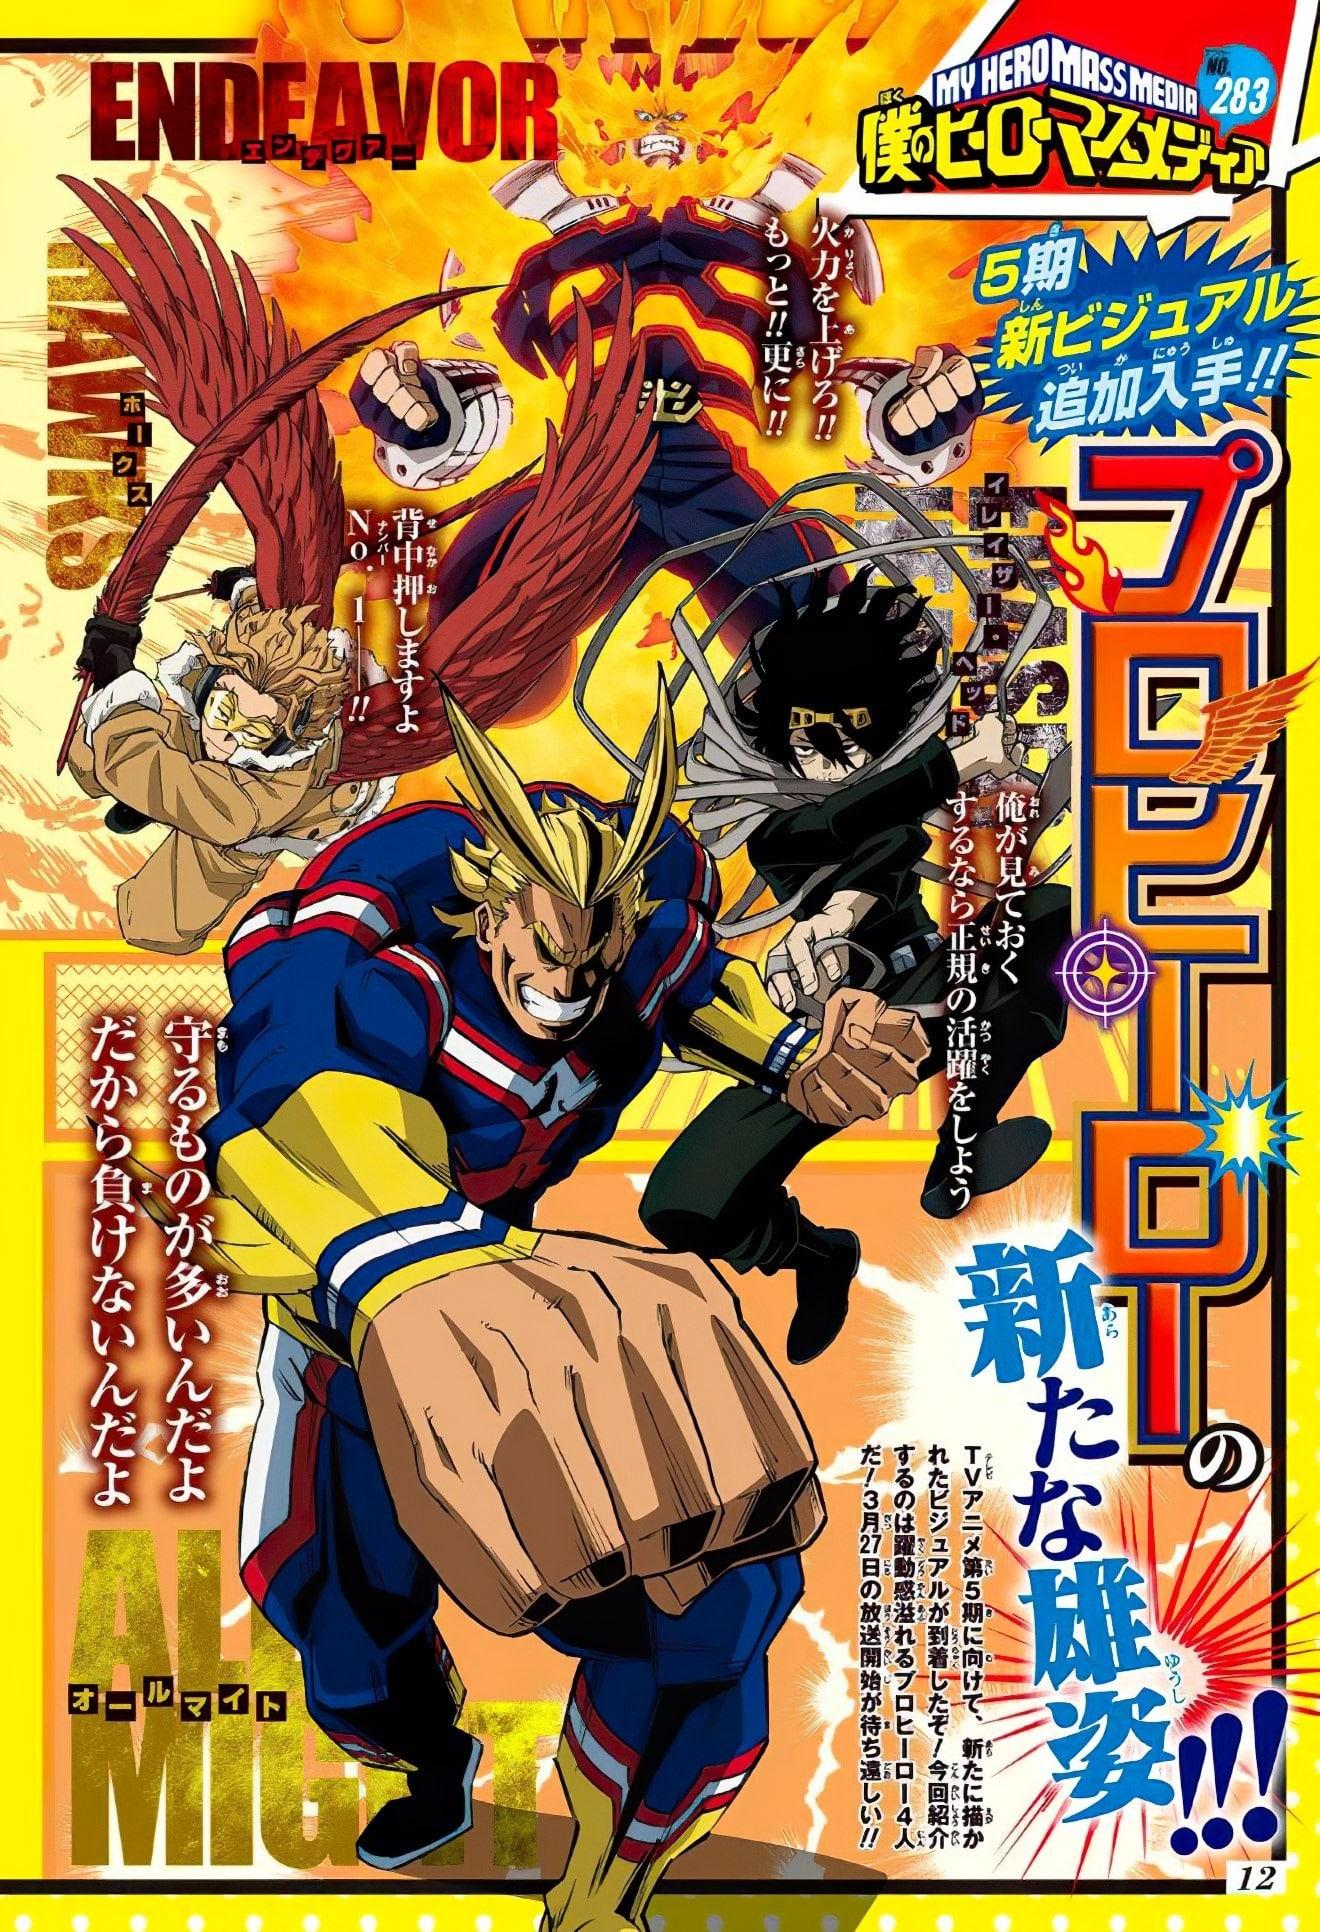 La quinta temporada de Boku no Hero Academia revela un nuevo visual